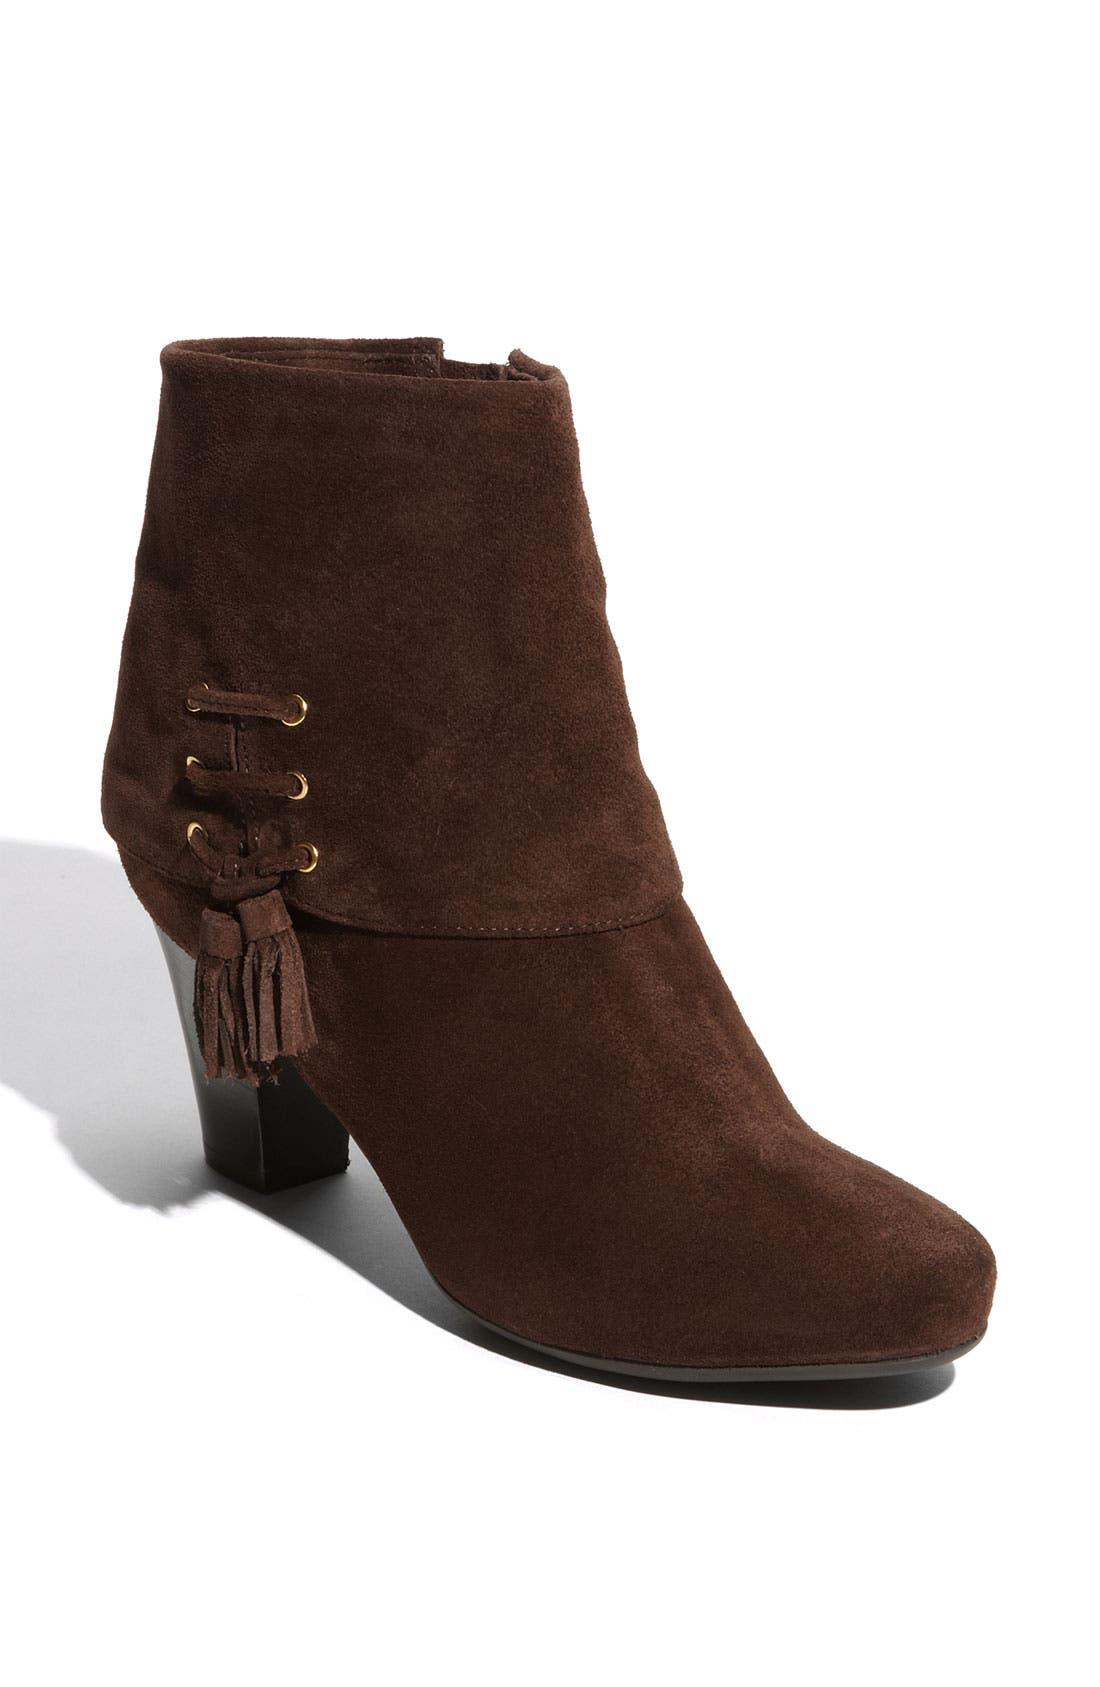 Main Image - VANELi 'Jancey' Boot